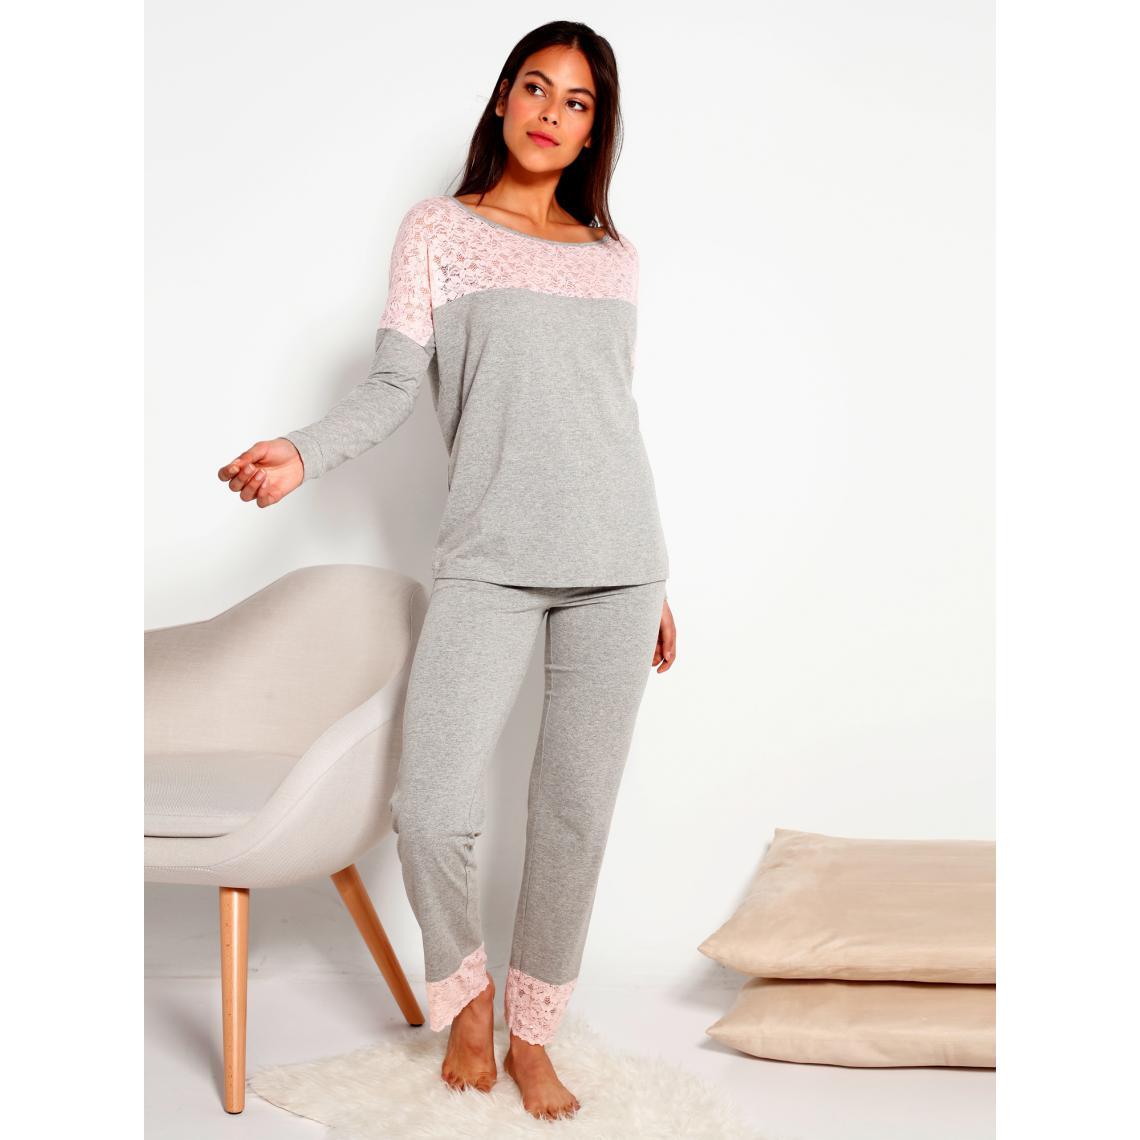 la qualité d'abord vente en ligne rencontrer Pyjama, détails en dentelle contrastés Gris   3 SUISSES